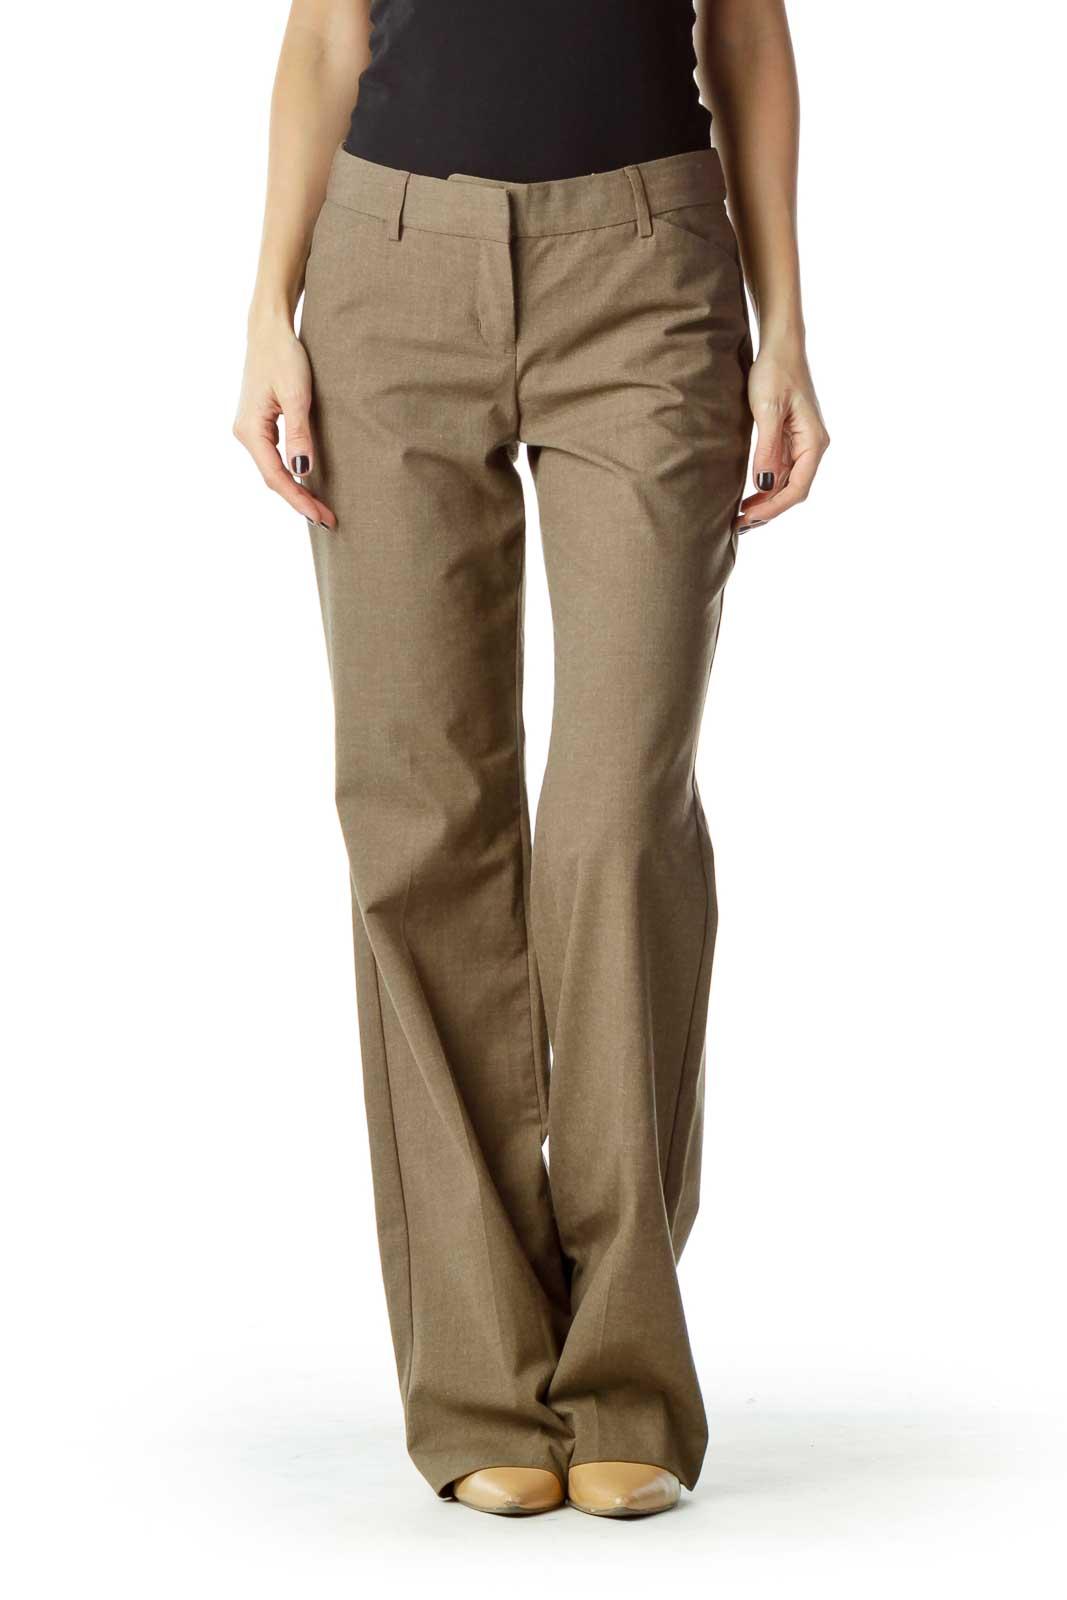 Brown Straight Leg Slacks Front